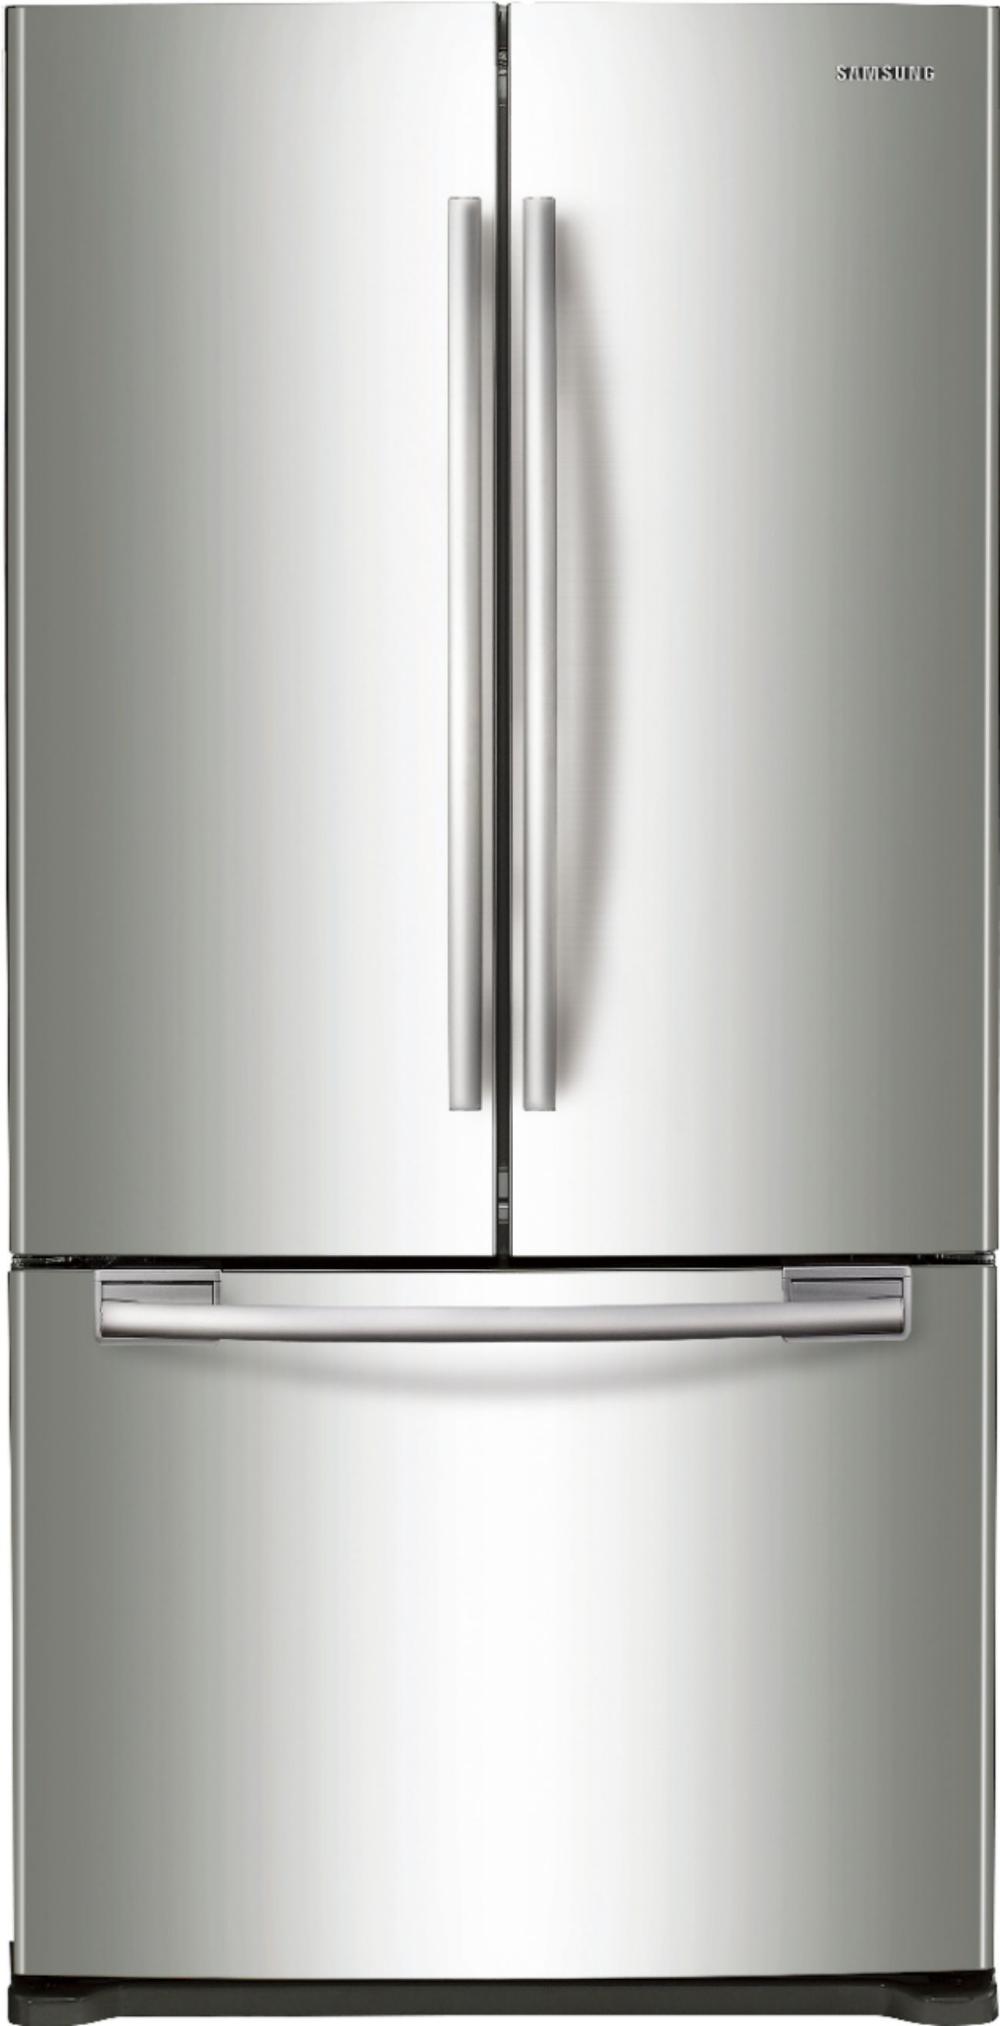 e562009f700b74f3aa90716710ce7f99 - How To Get Glass Shelf Out Of Samsung Fridge